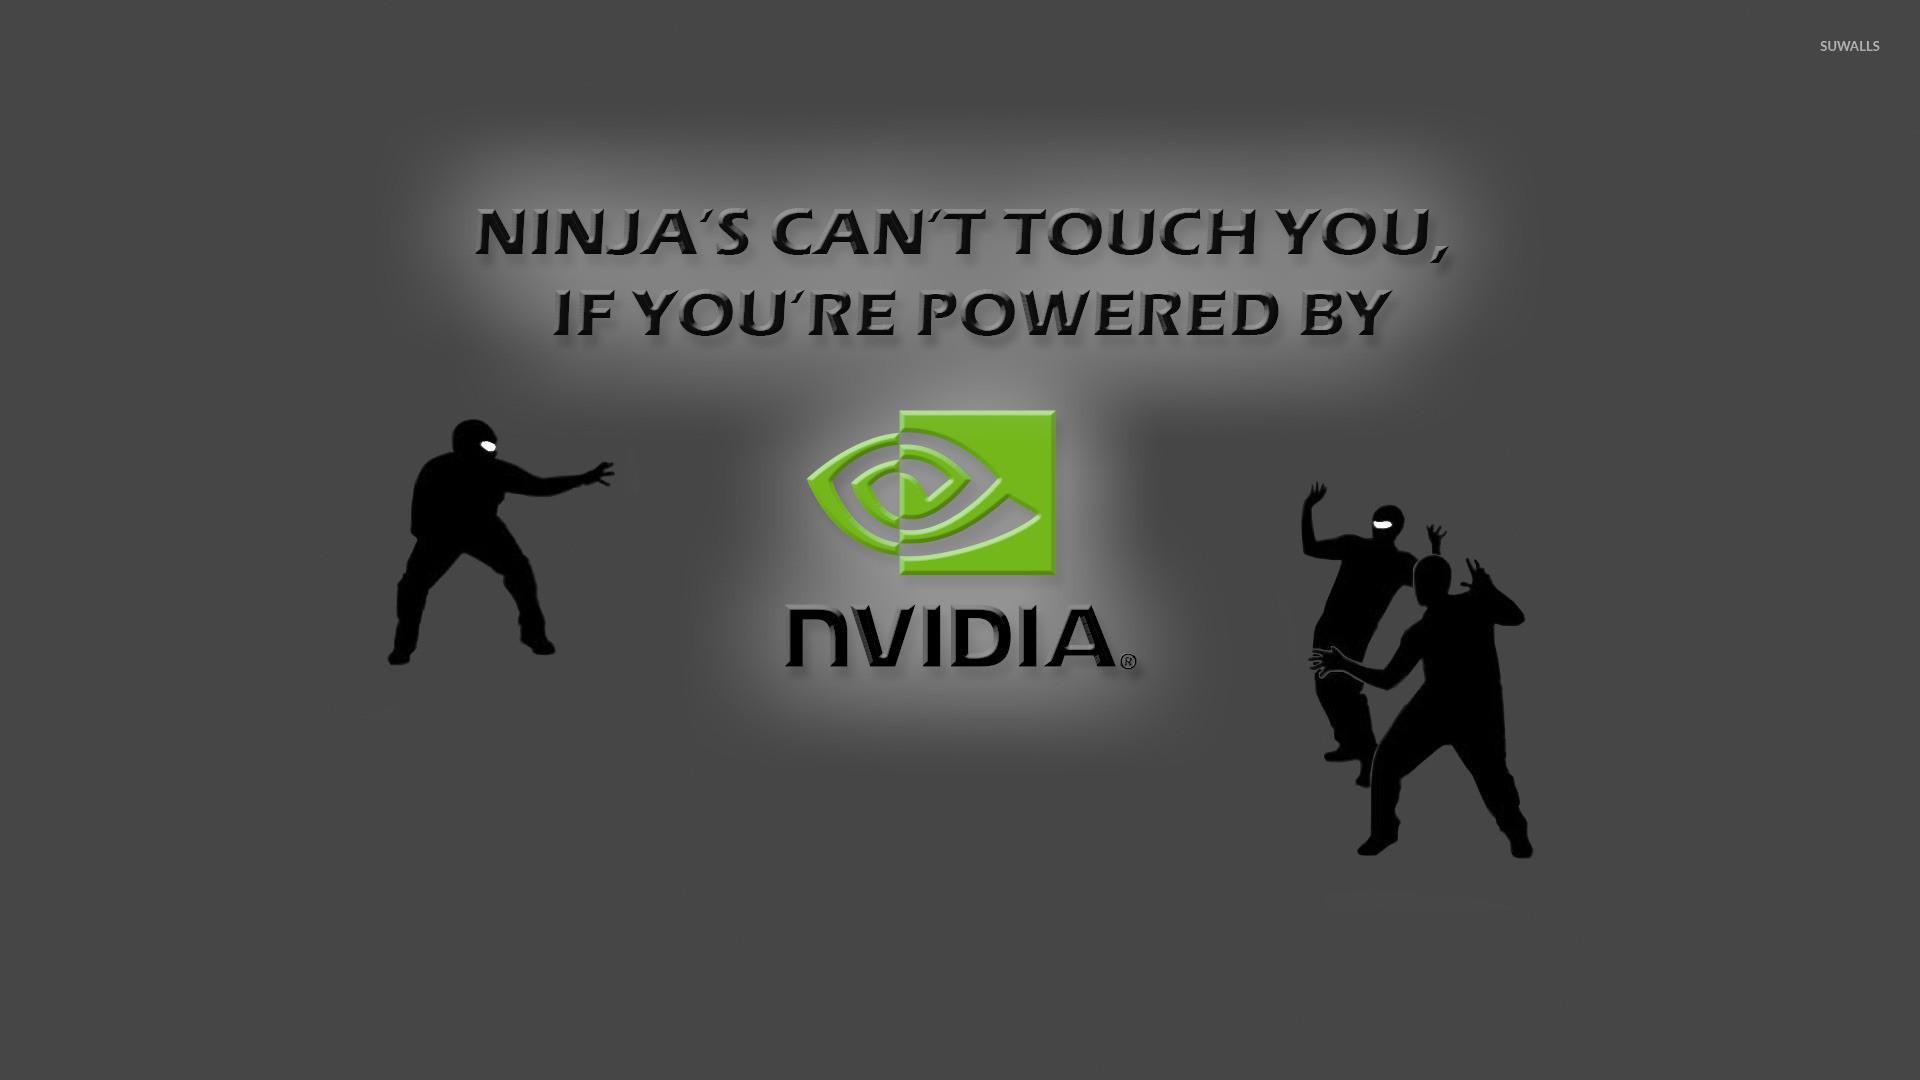 Ninjas vs Nvidia wallpaper · Memes · Nvidia · Ninja · …